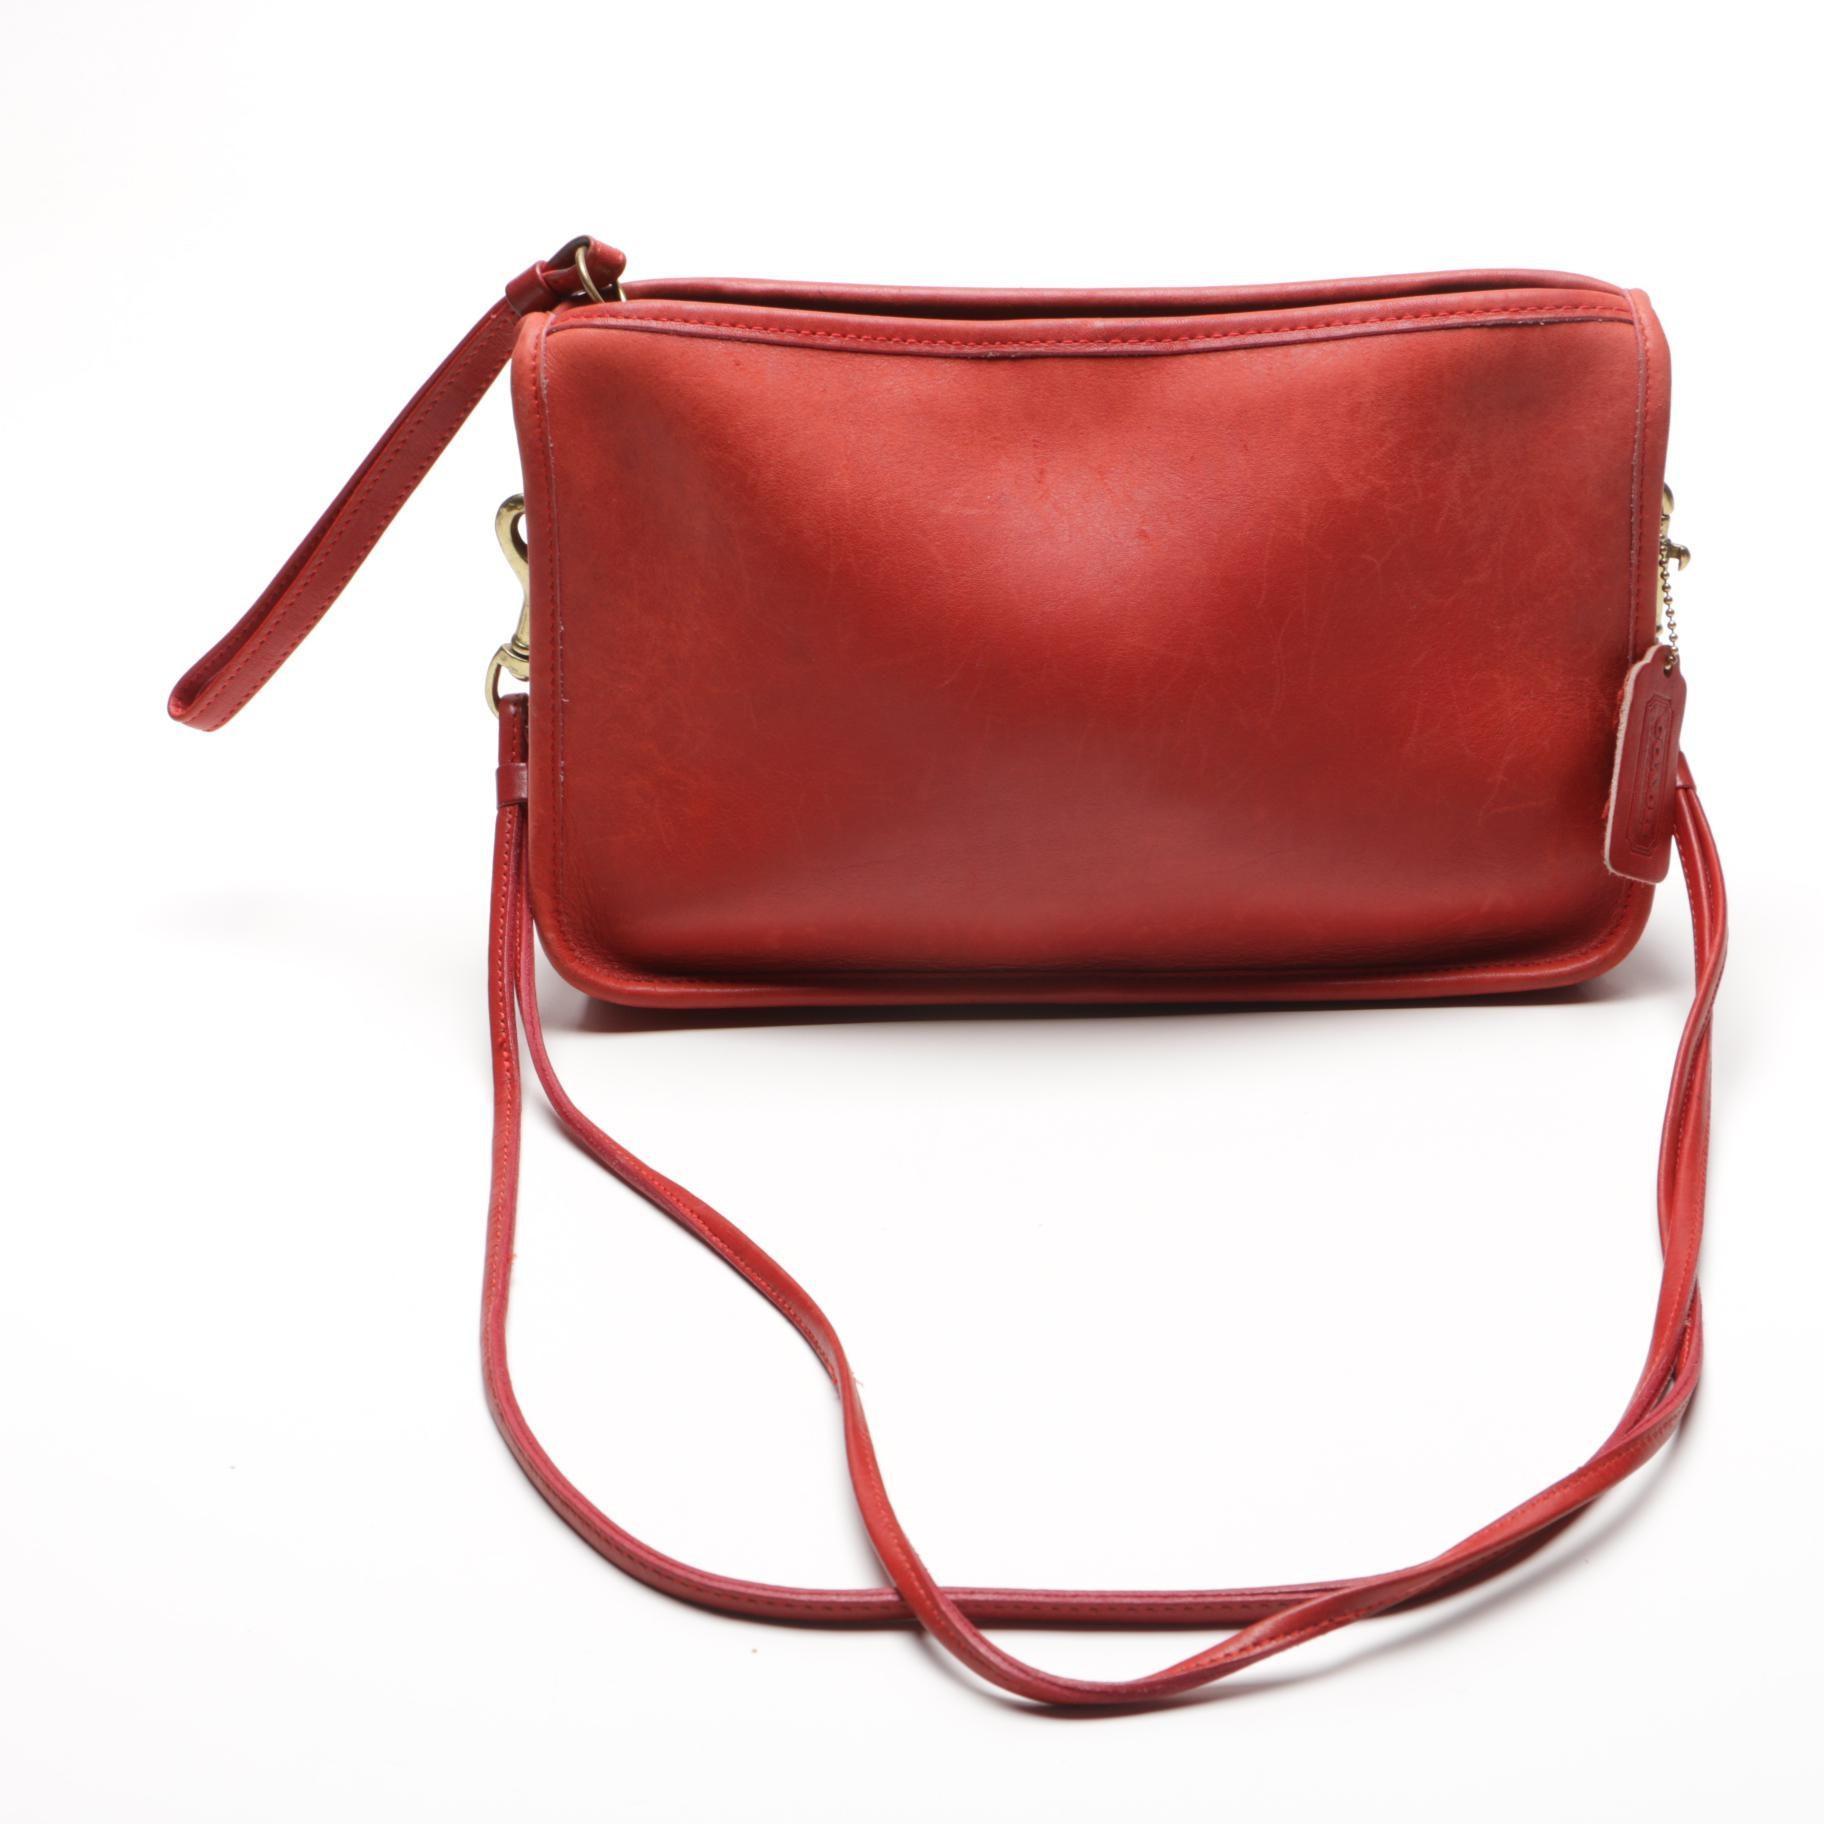 Vintage Coach Shoulder Bag in Red Leather